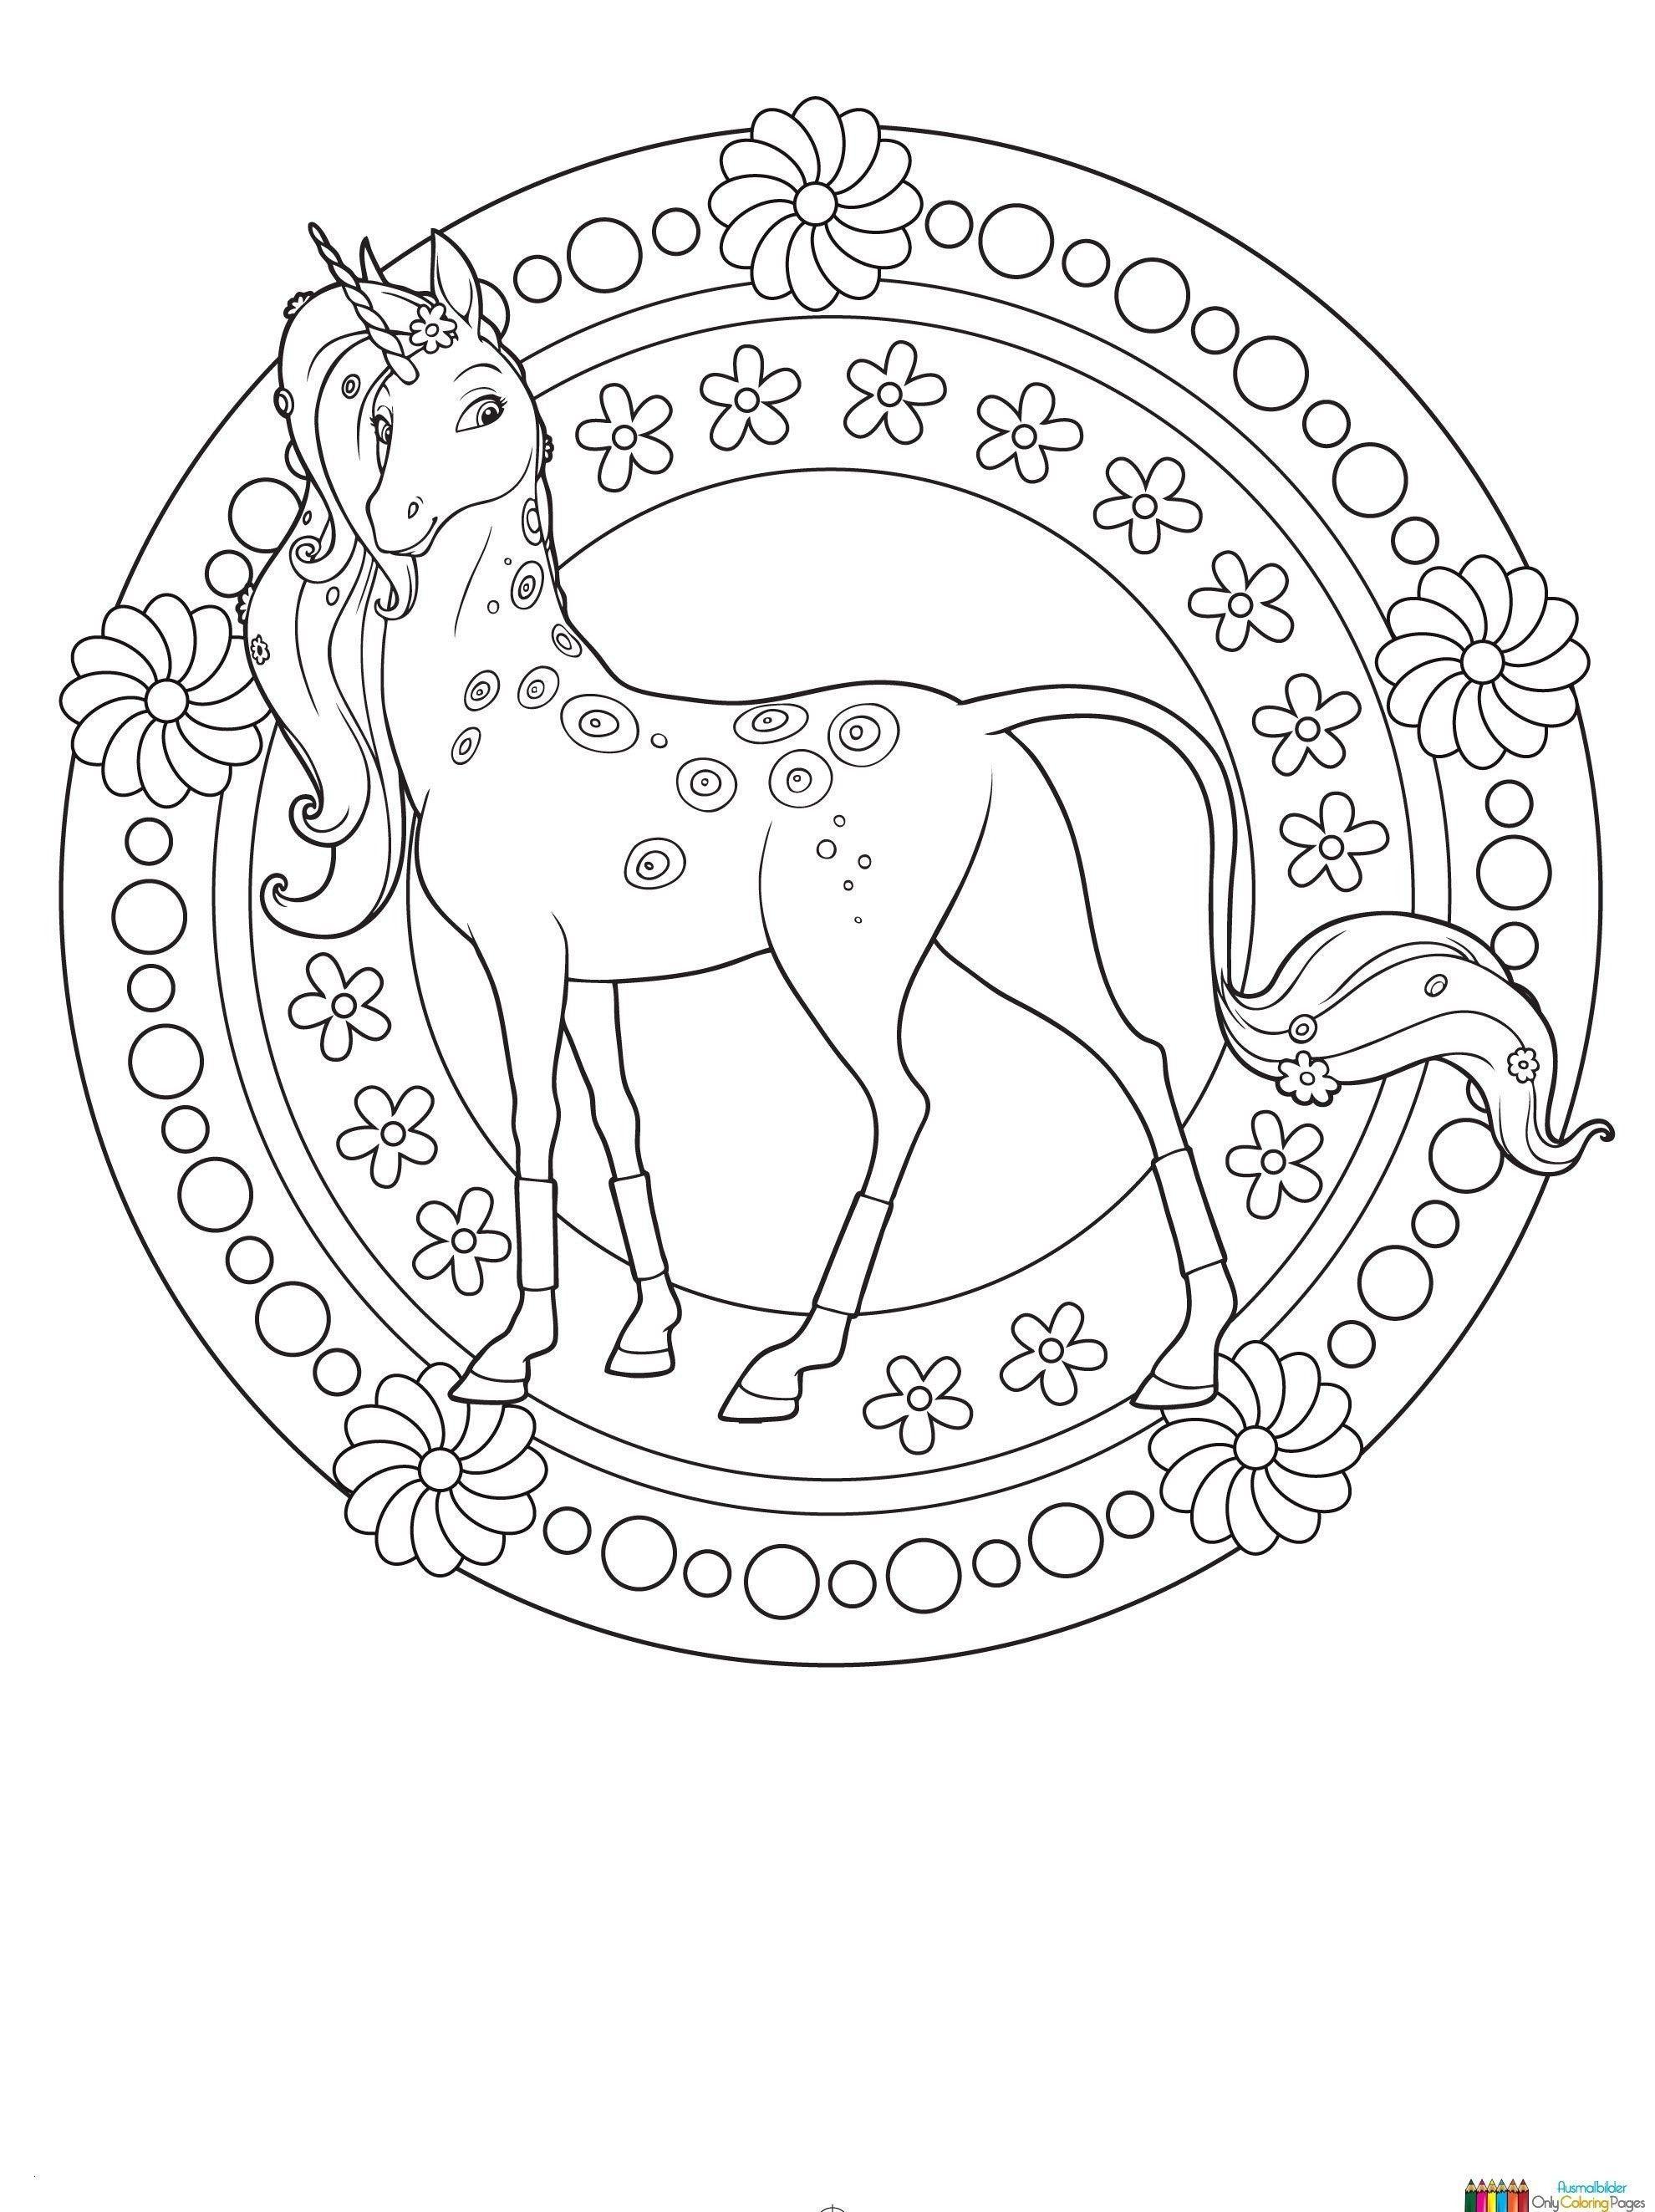 Neu Malvorlagen Von Tieren  Unicorn coloring pages, Horse